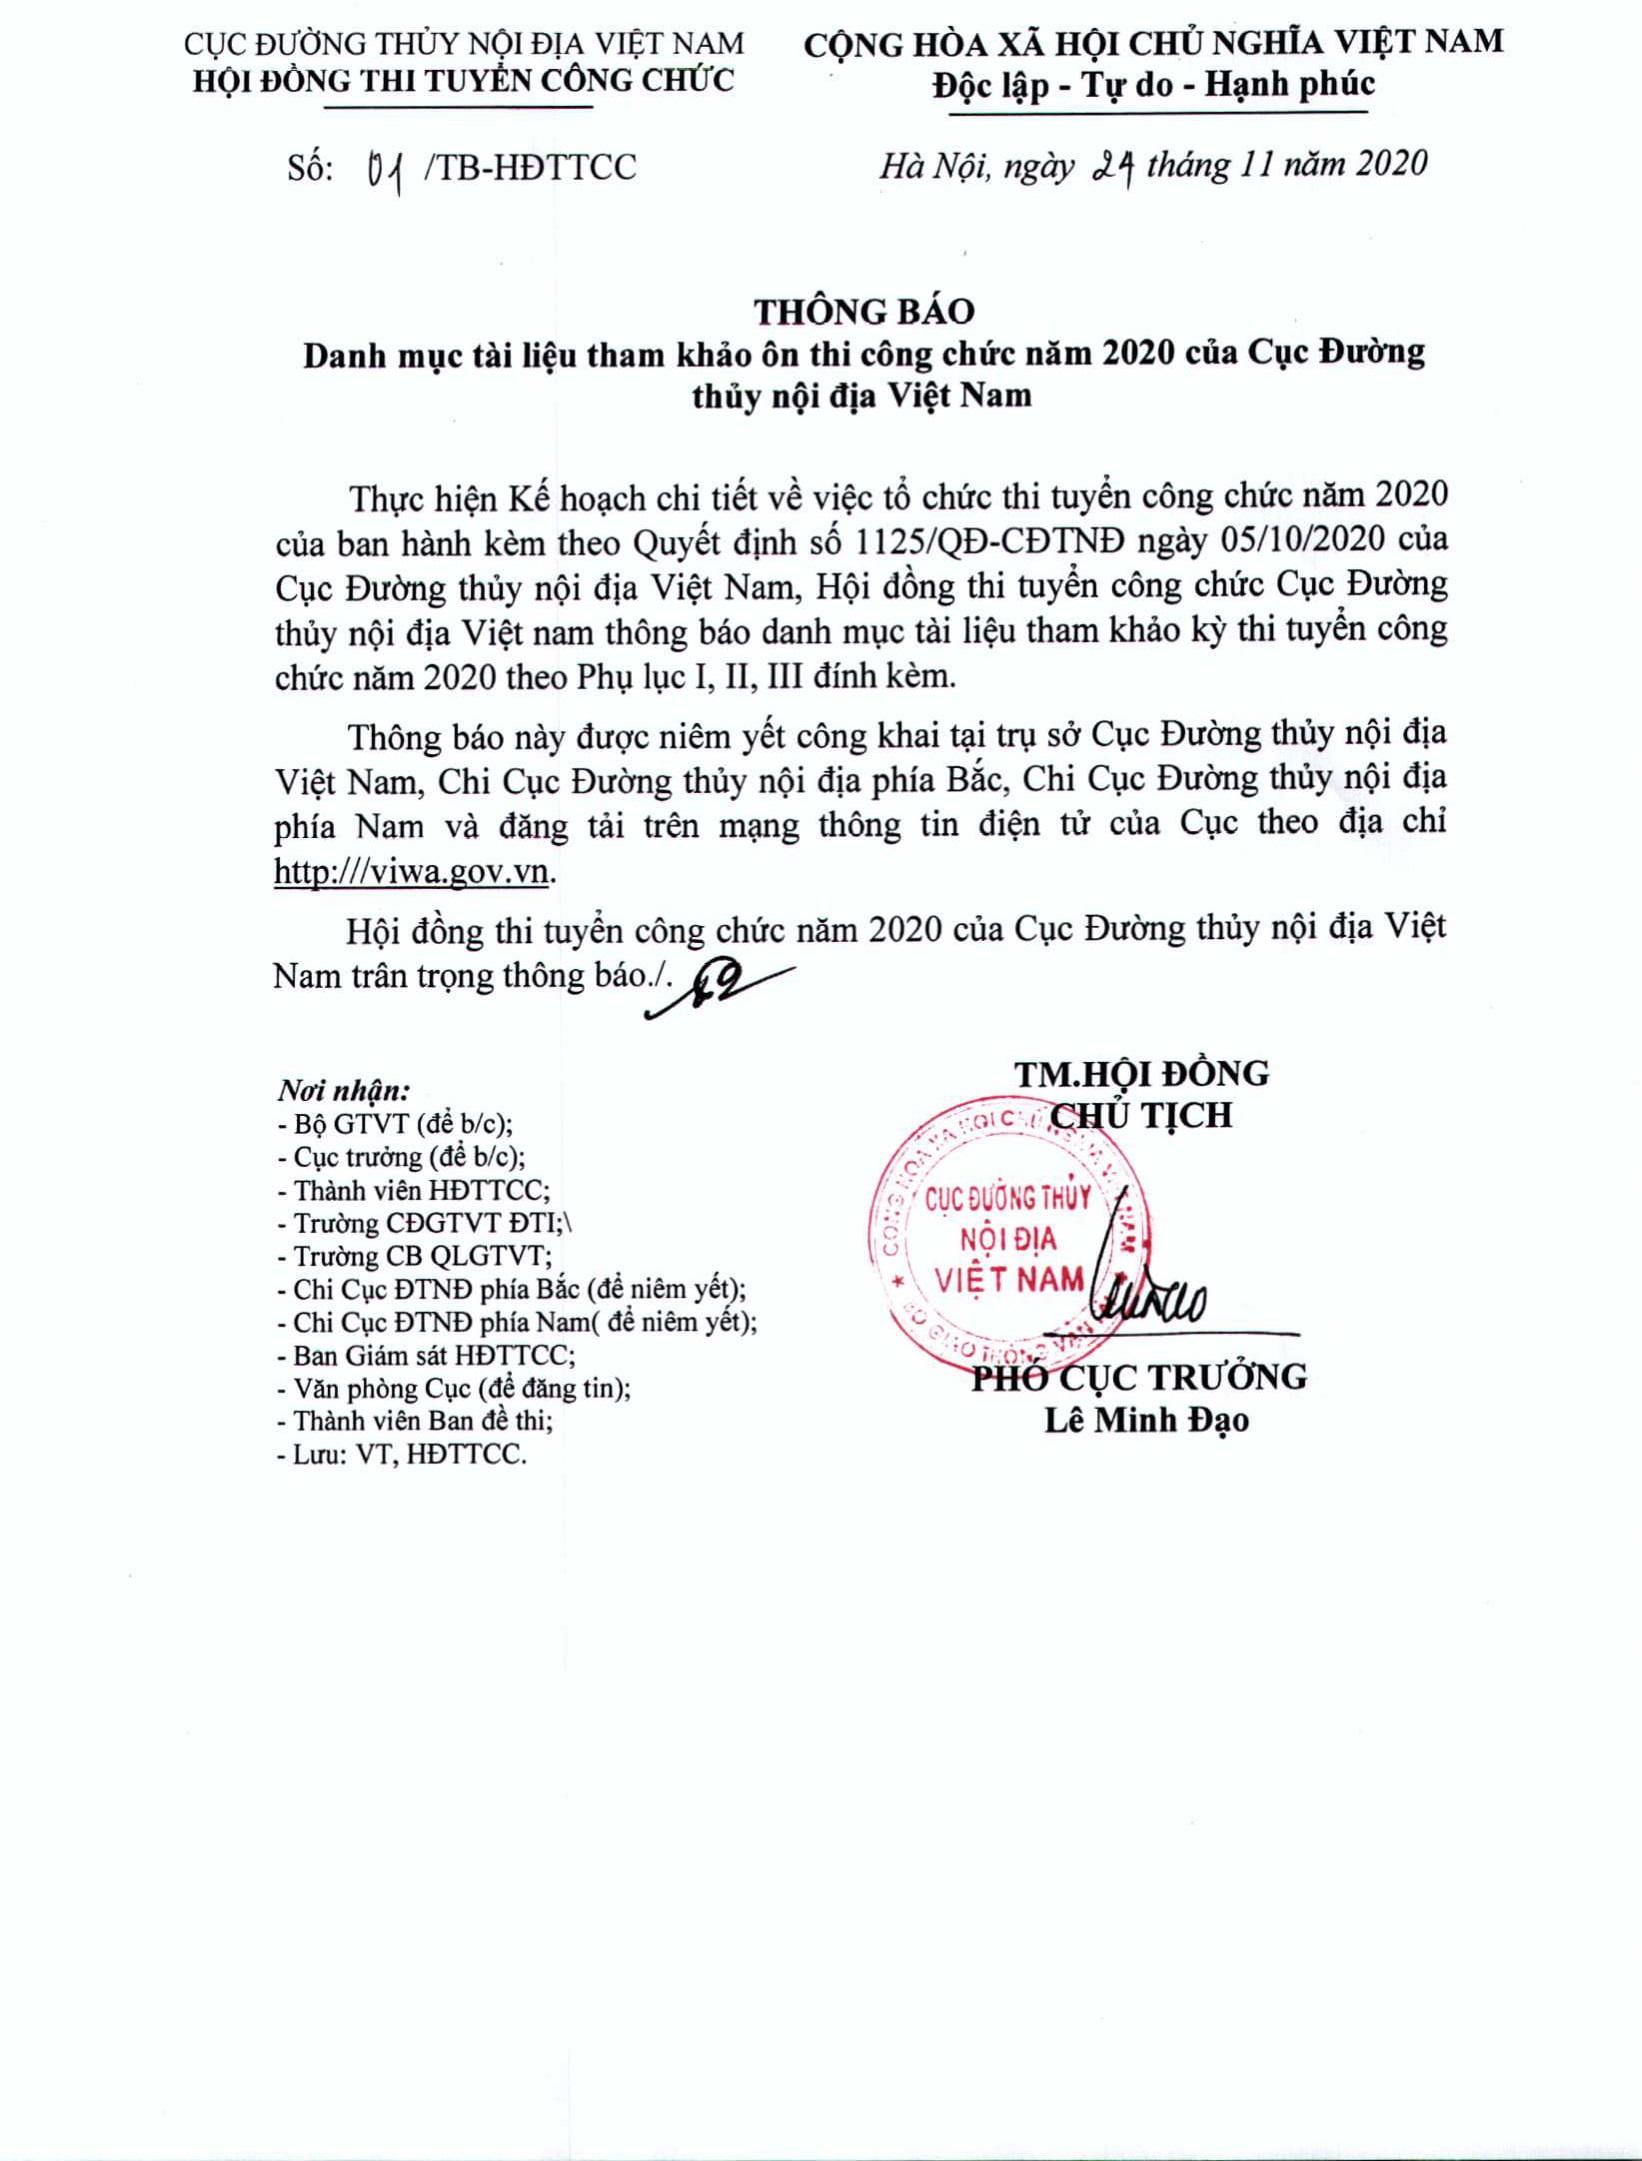 THÔNG BÁO Danh mục tài liệu tham khảo ôn thi công chức năm 2020 của Cục Đường thủy nội địa Việt Nam